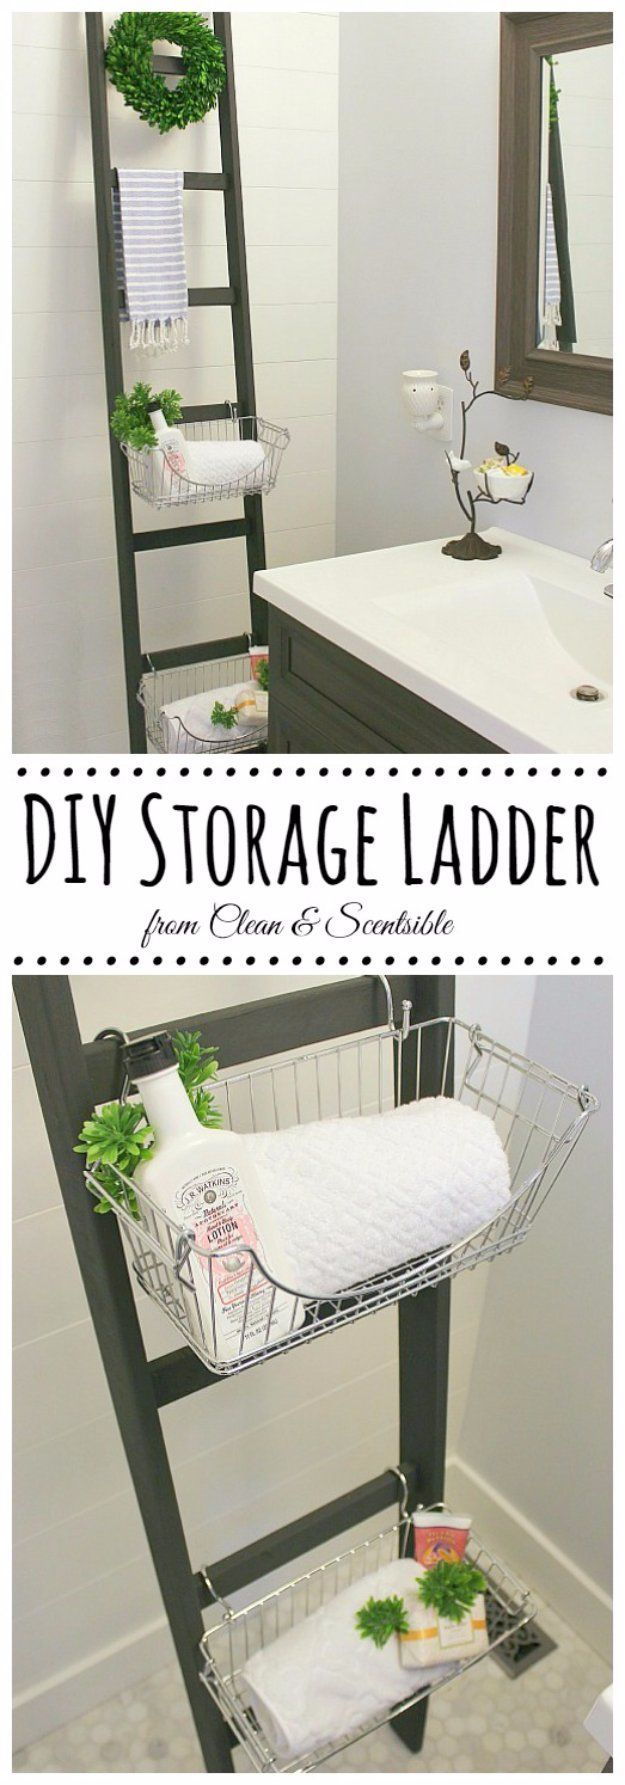 Diy bathroom decor ideas diy bathroom storage ladder cool do it